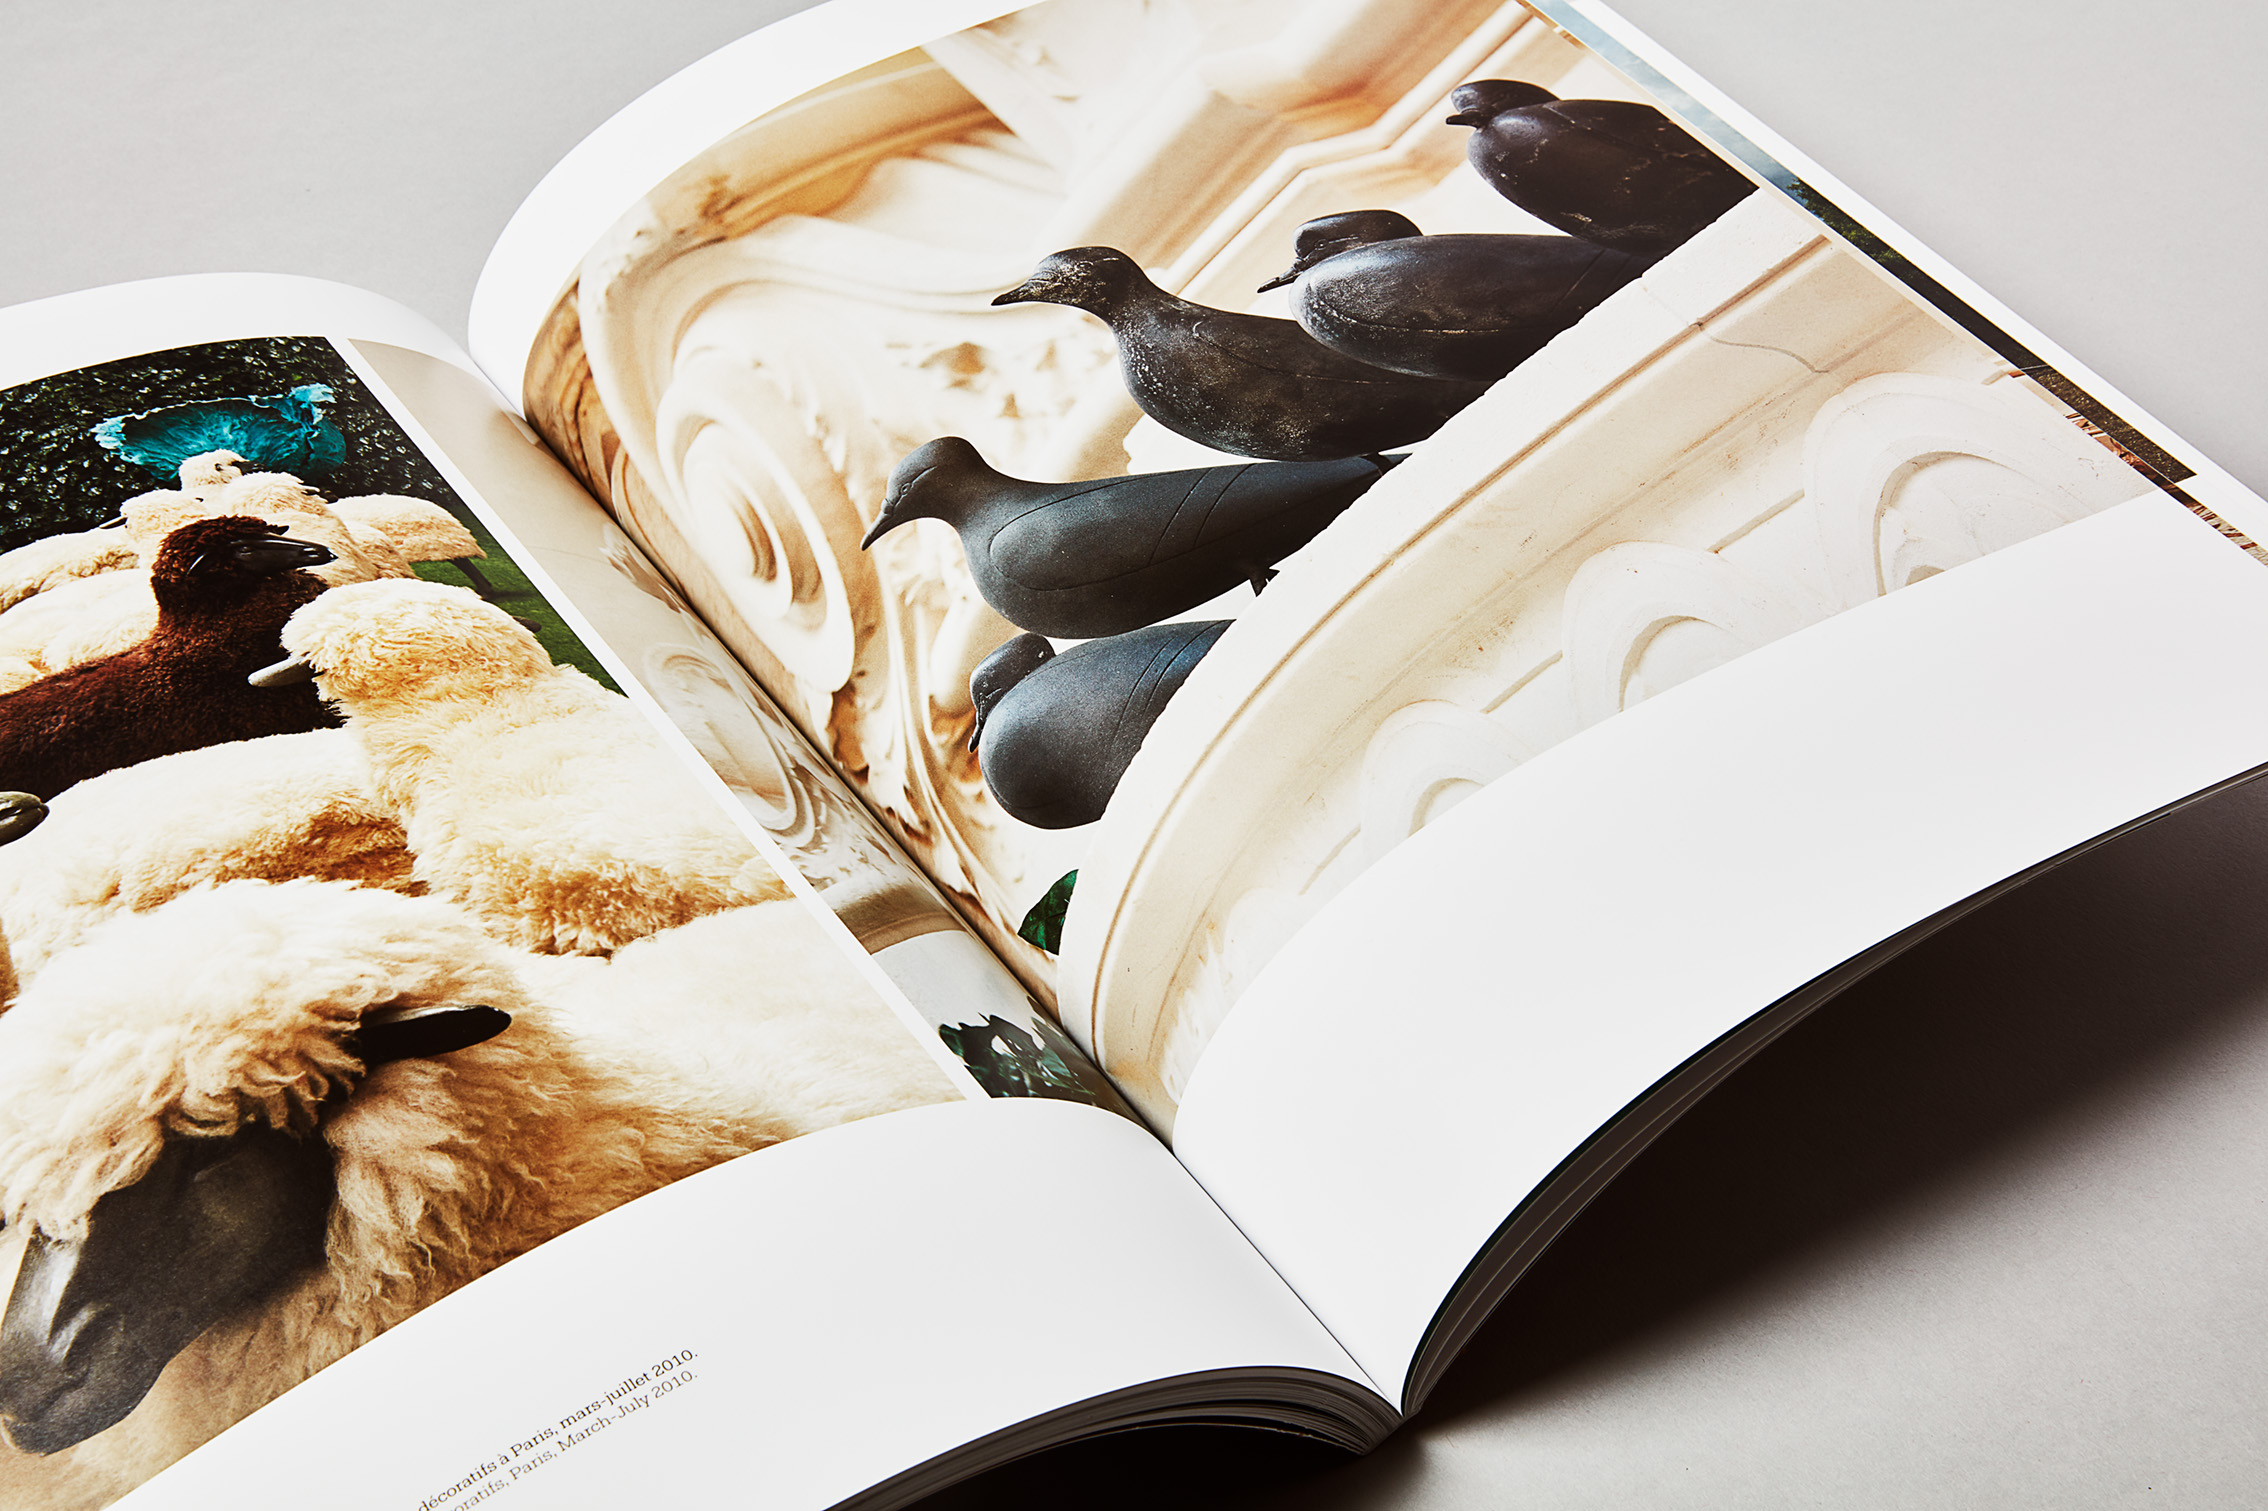 GALERIE MITTERRAND Catalogue Lalanne. Art contemporain Sculpture Claude Lalanne François-Xavier Lalanne